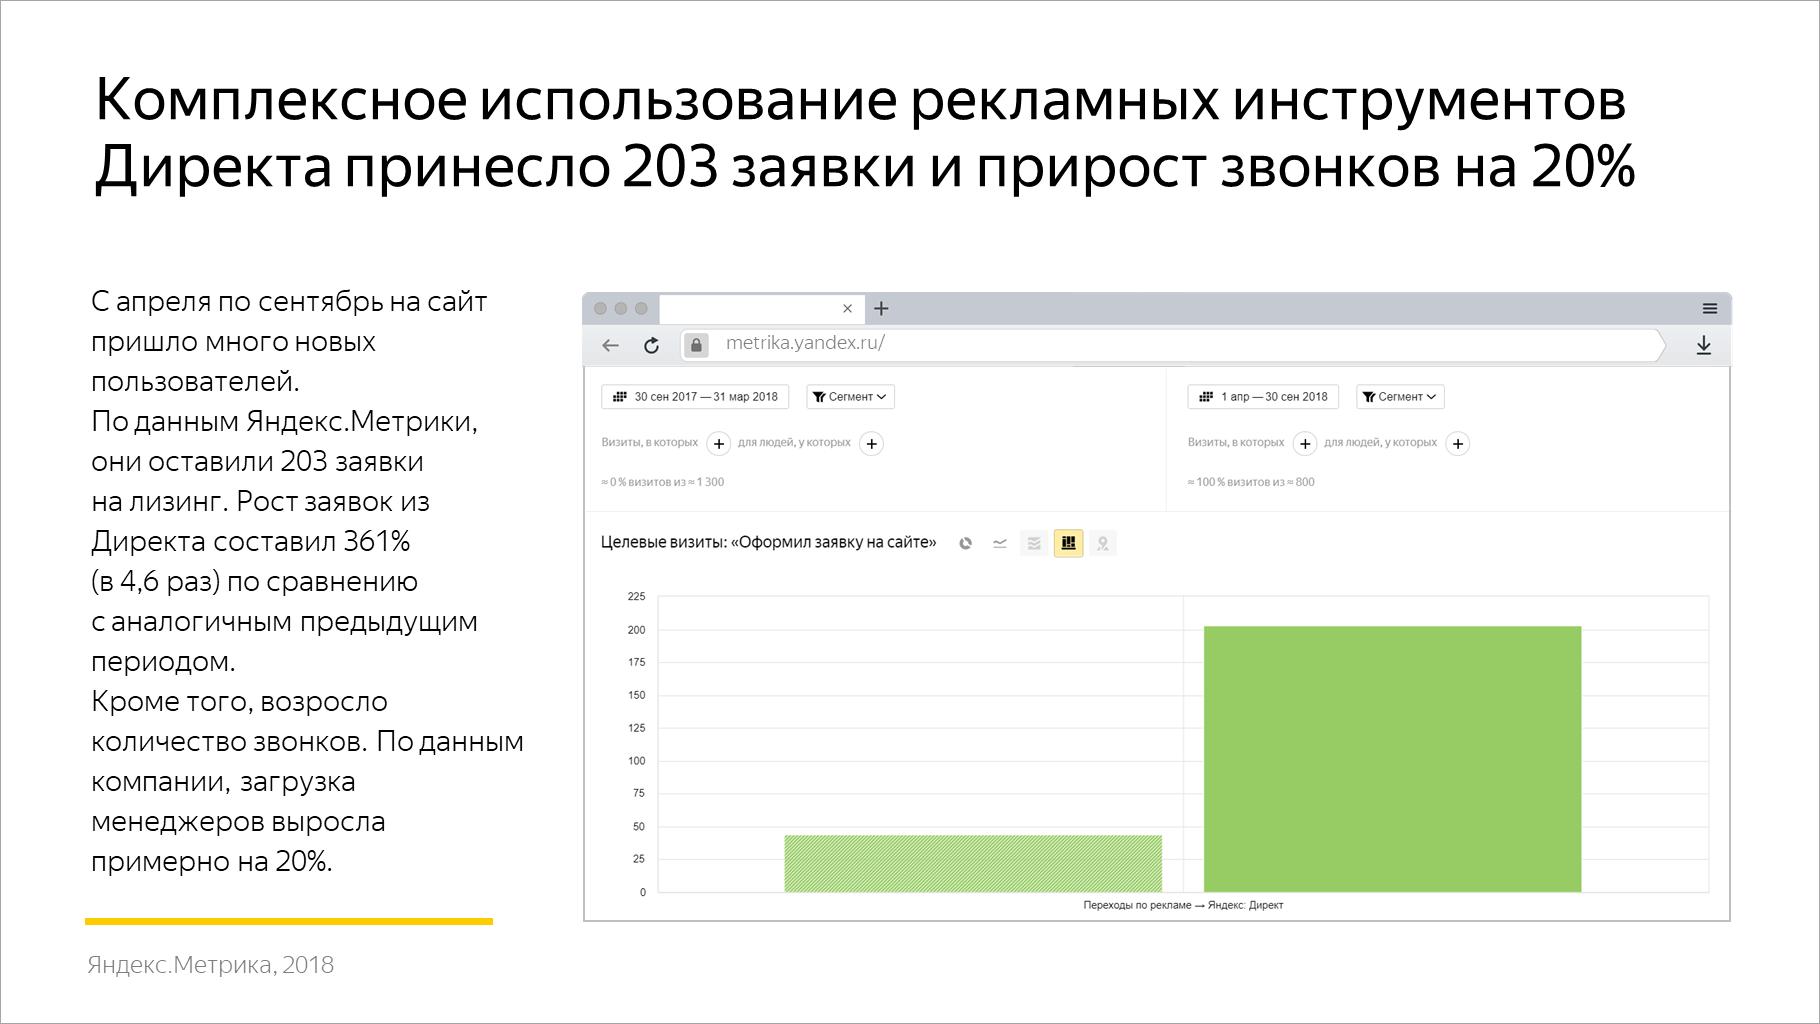 Комплексное использование рекламных инструментов Директа принесло 203 заявки и прирост звонков на 20%